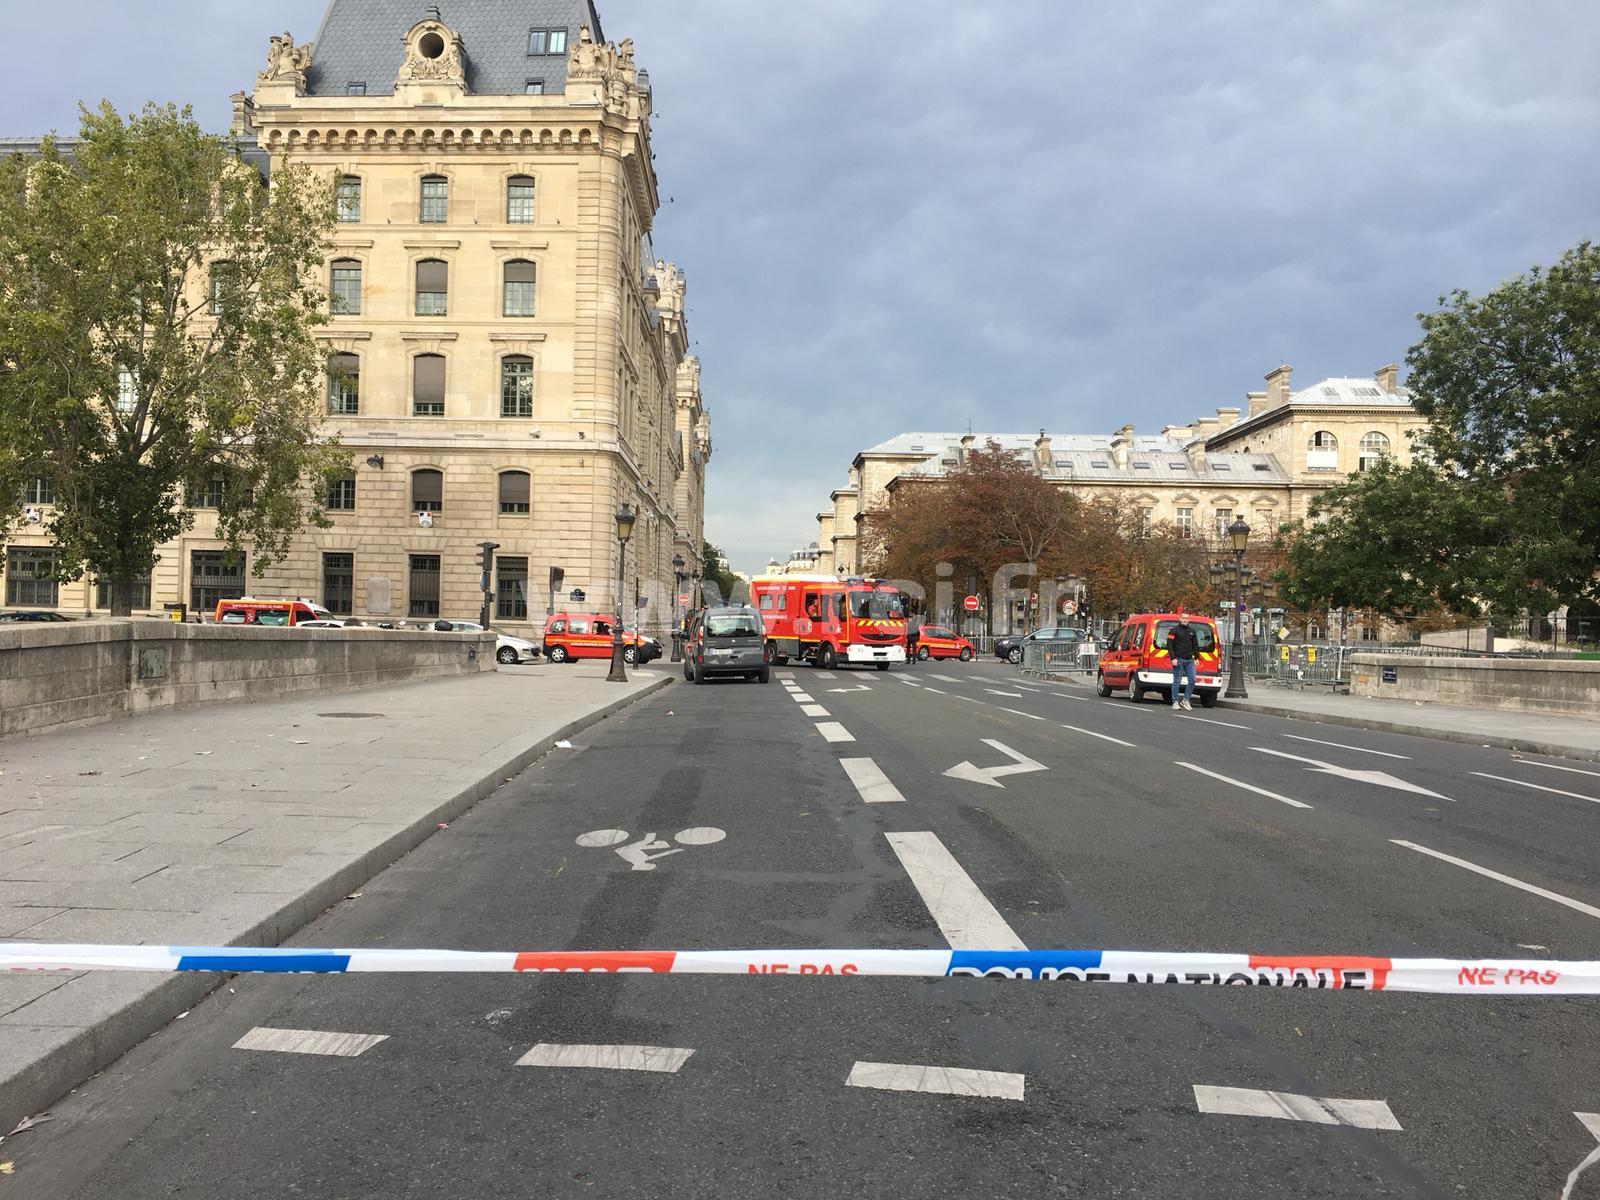 Vive émotion à la préfecture de police de Paris suite à la tuerie du 3 octobre 2019